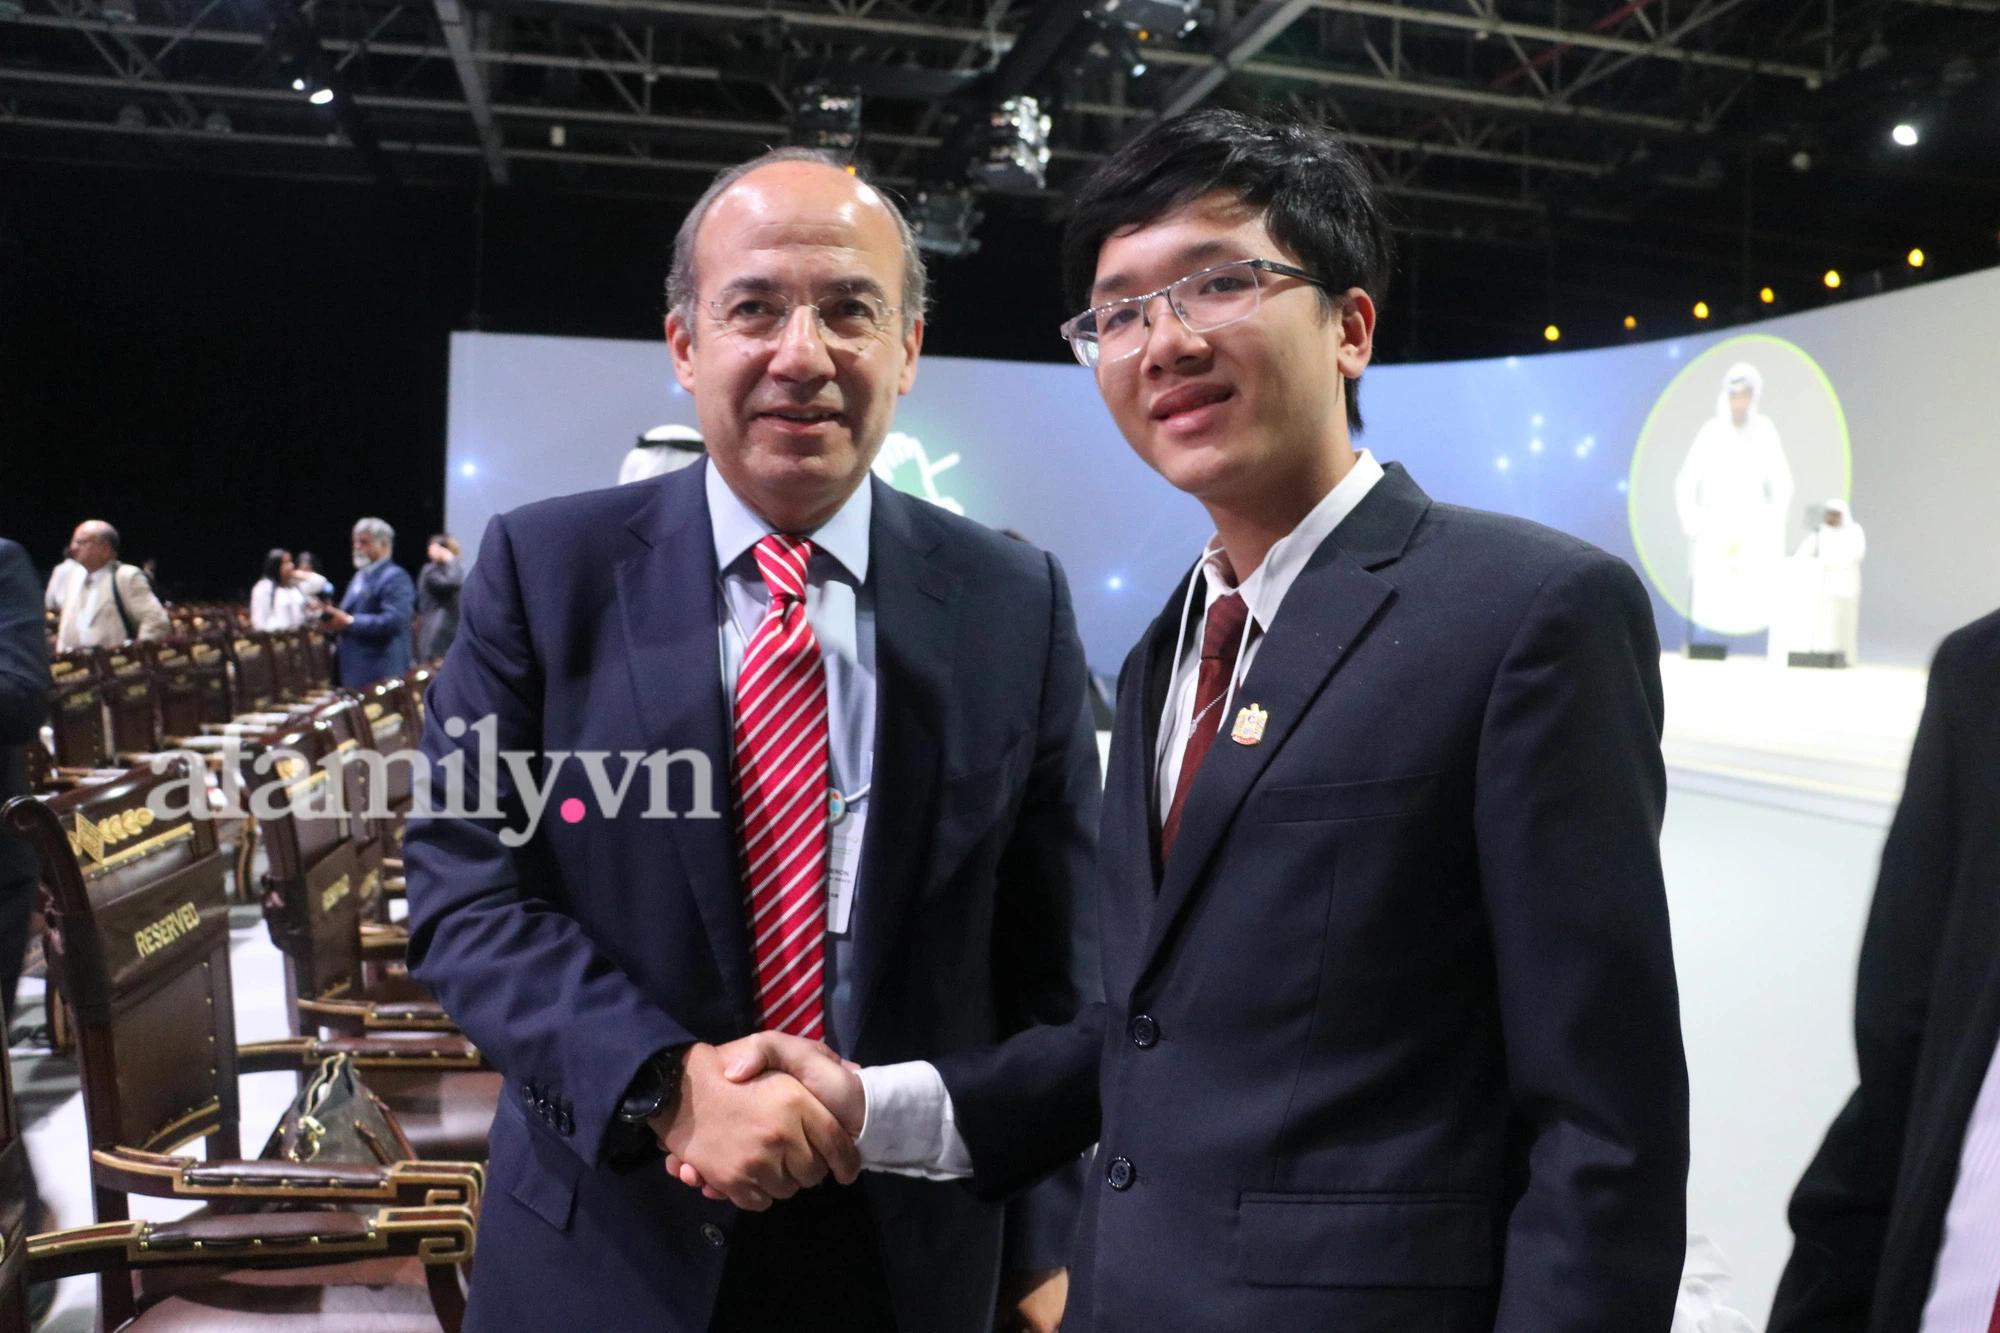 Nam sinh TP.HCM nhận học bổng gần 8 tỷ của ĐH New York, là đại biểu Liên Hợp Quốc: Tiết lộ cuộc nói chuyện 30 phút với ông Ban ki-moon - Ảnh 4.